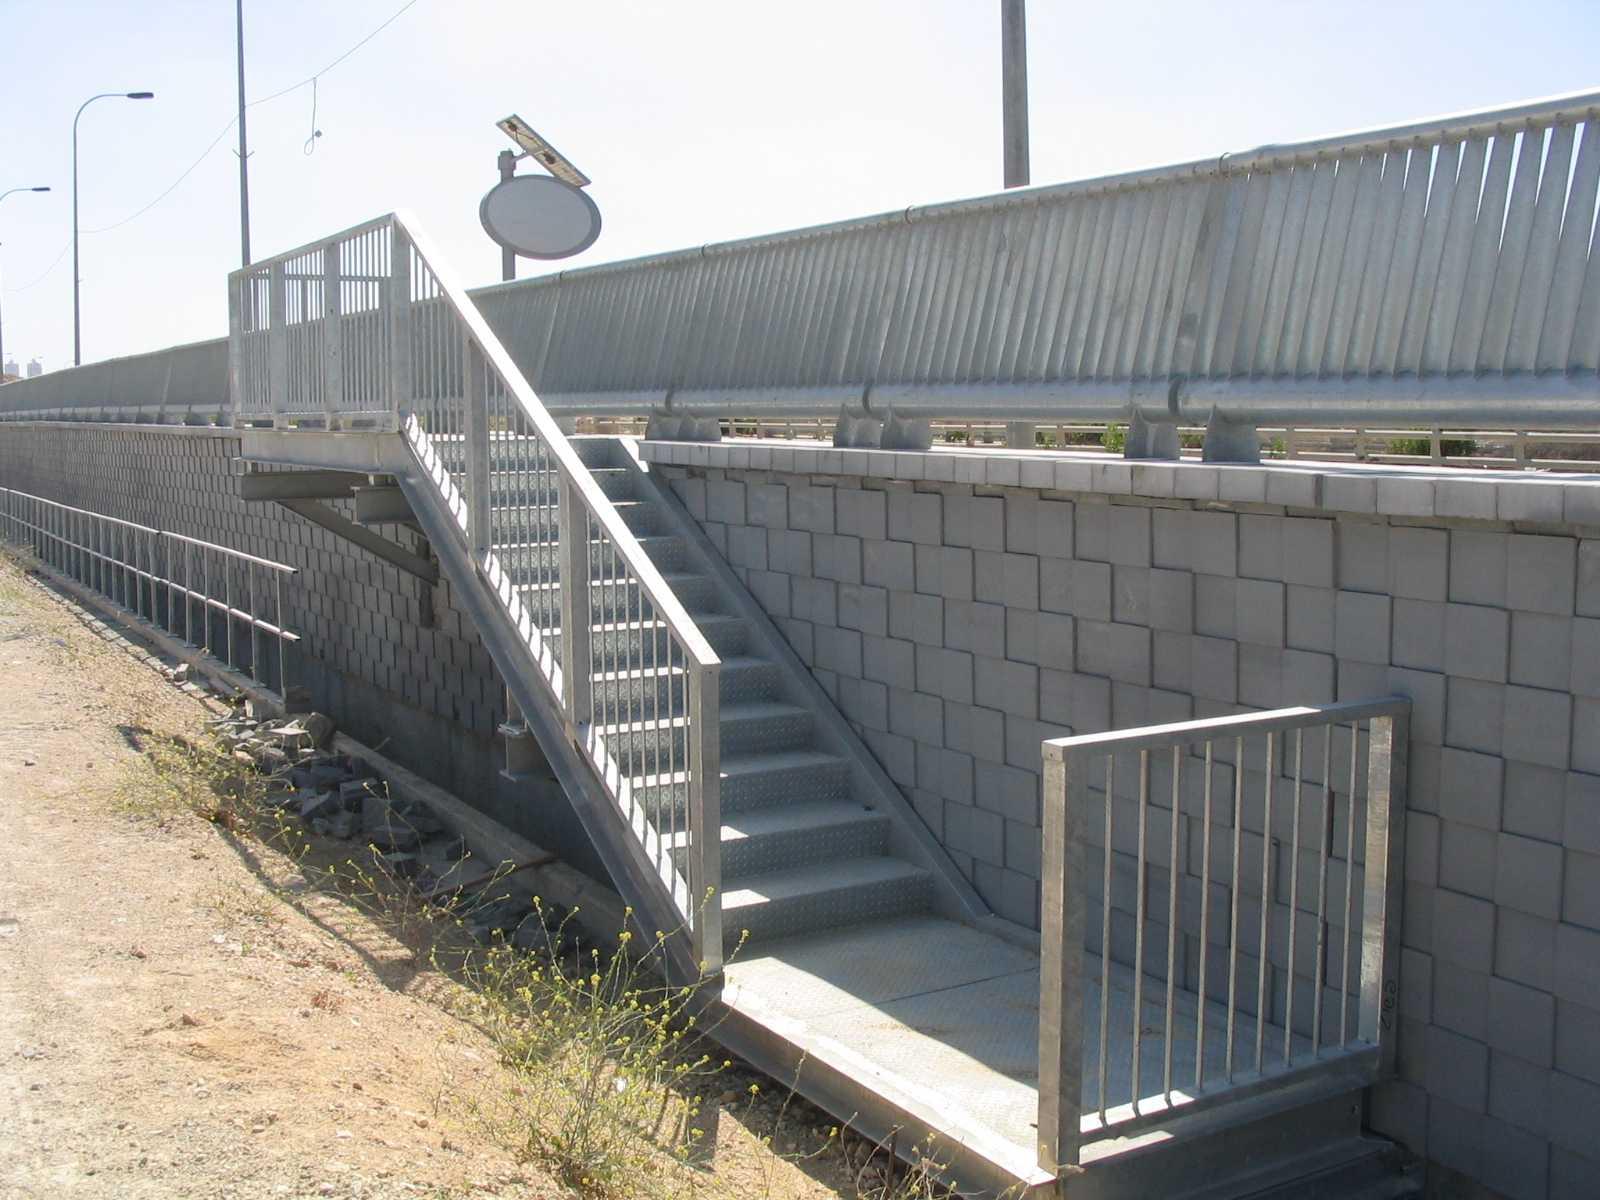 רכבת מודיעין ירושלים - עיגון מעקות ומדרגות